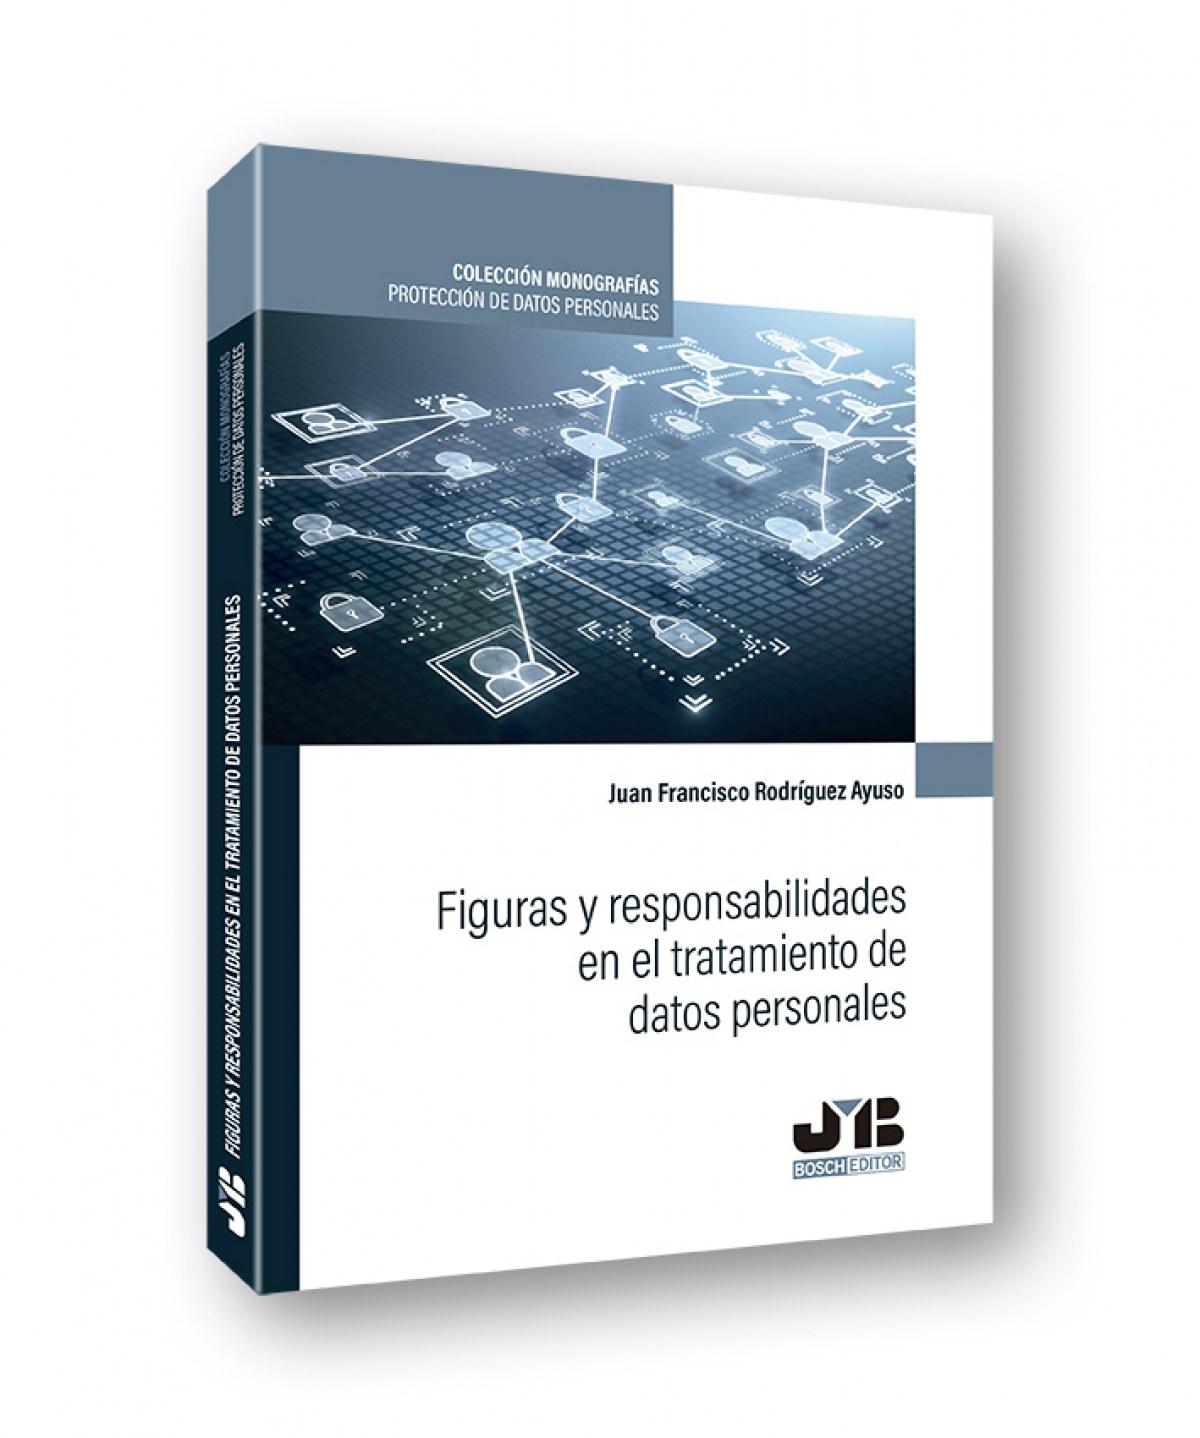 FIGURAS Y RESPONSABILIDADES EN EL TRATAMIENTO DE DATOS PERSONALES